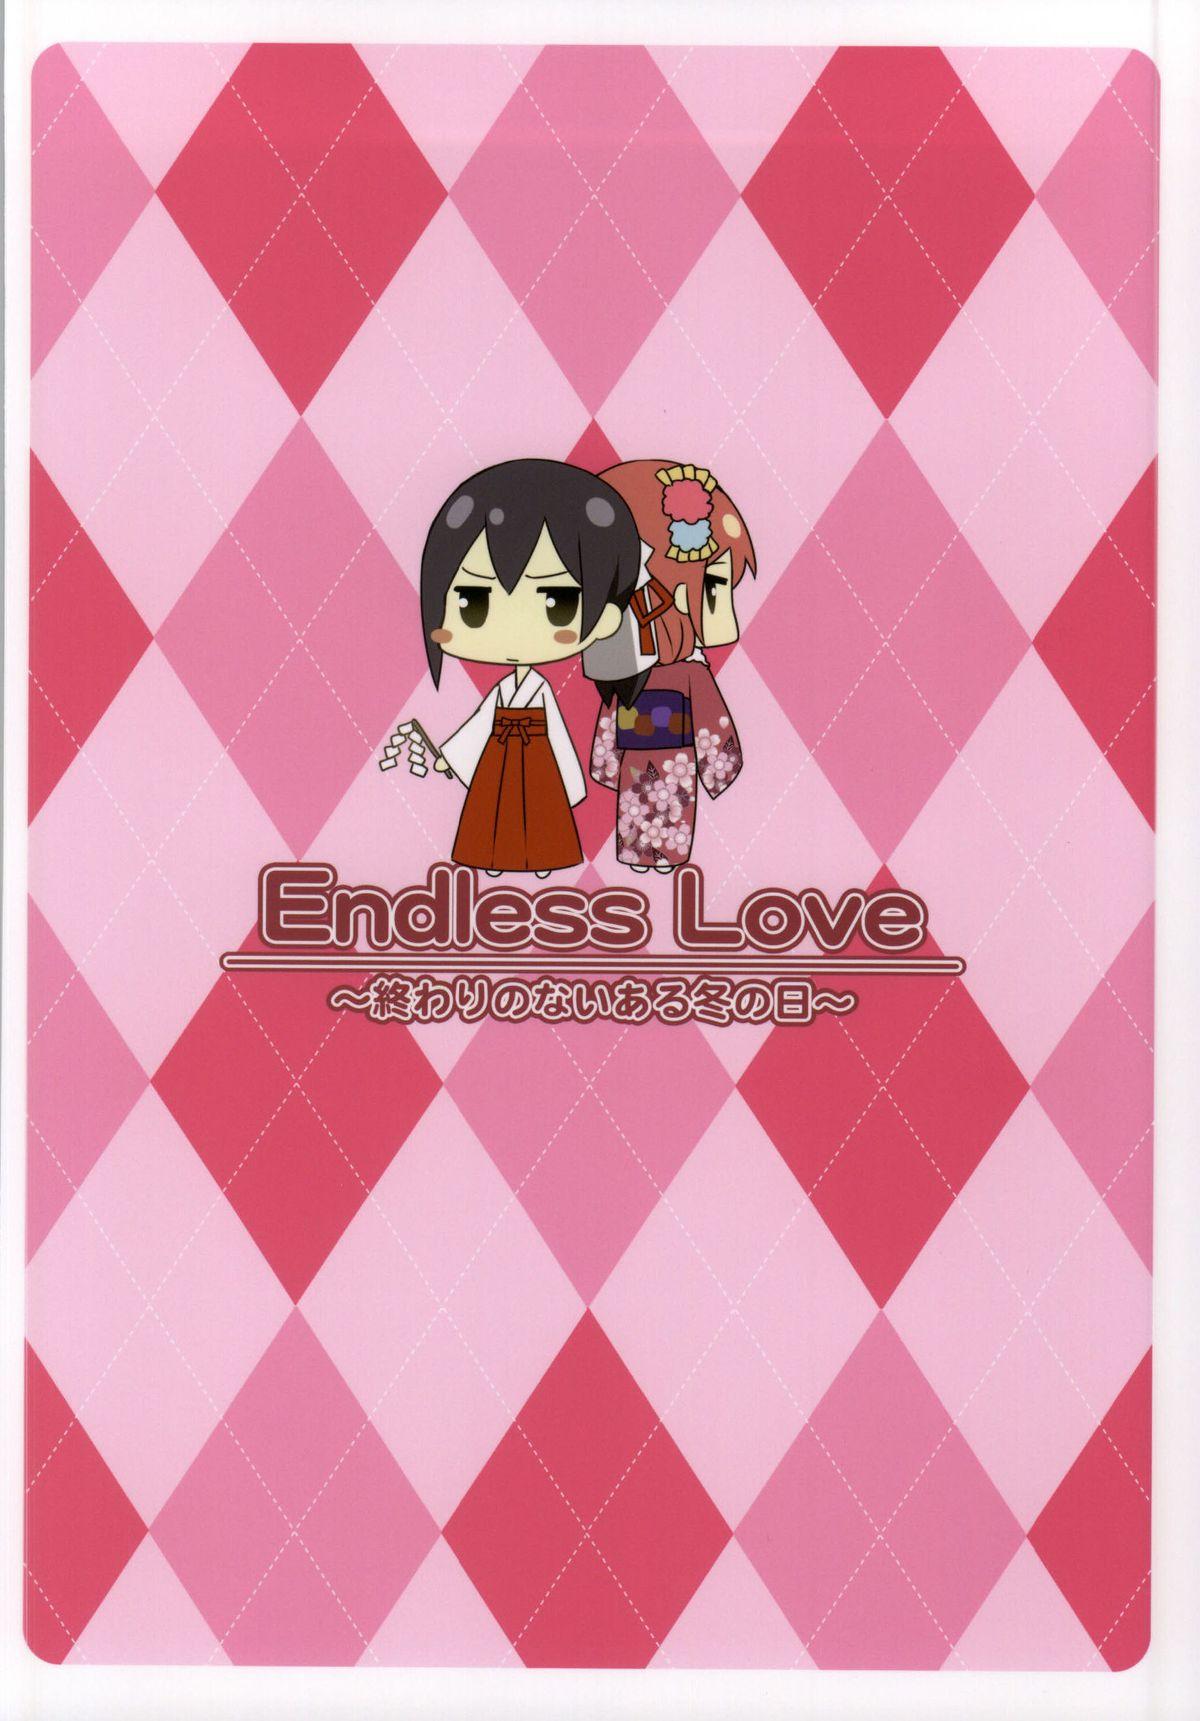 Hình ảnh 18 trong bài viết Endless Love